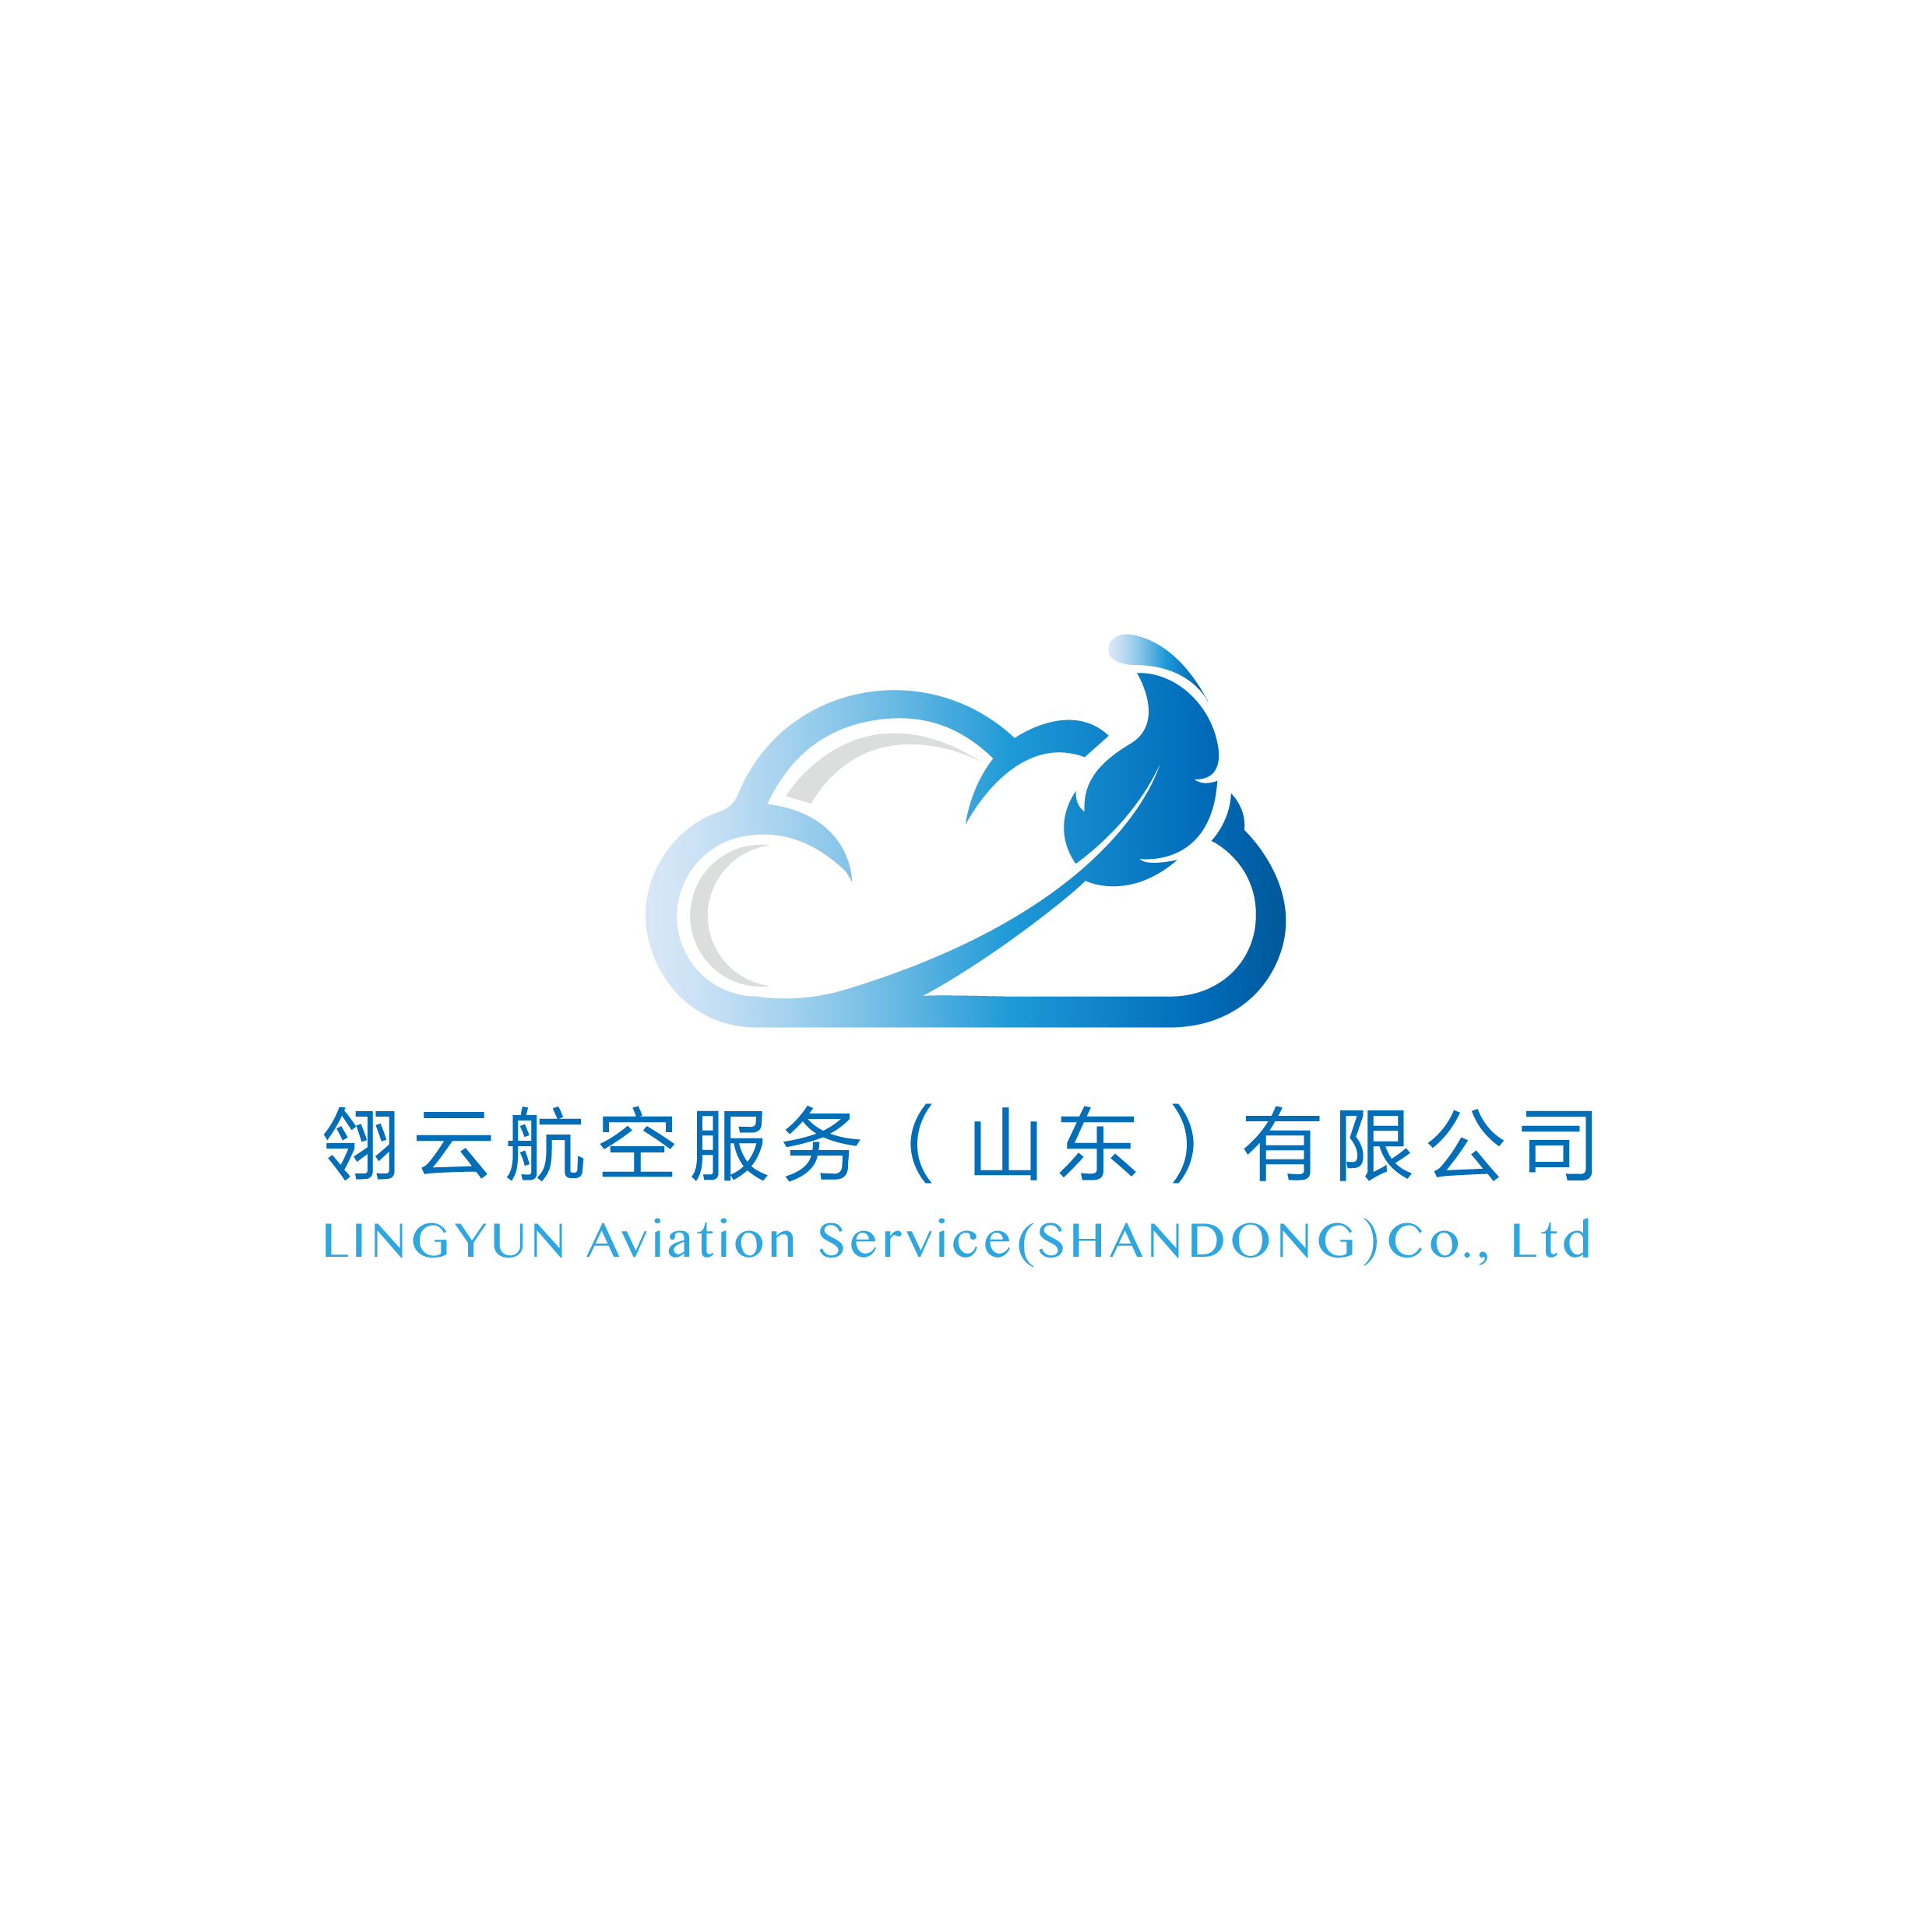 翎云航空服务( 山东)有限公司